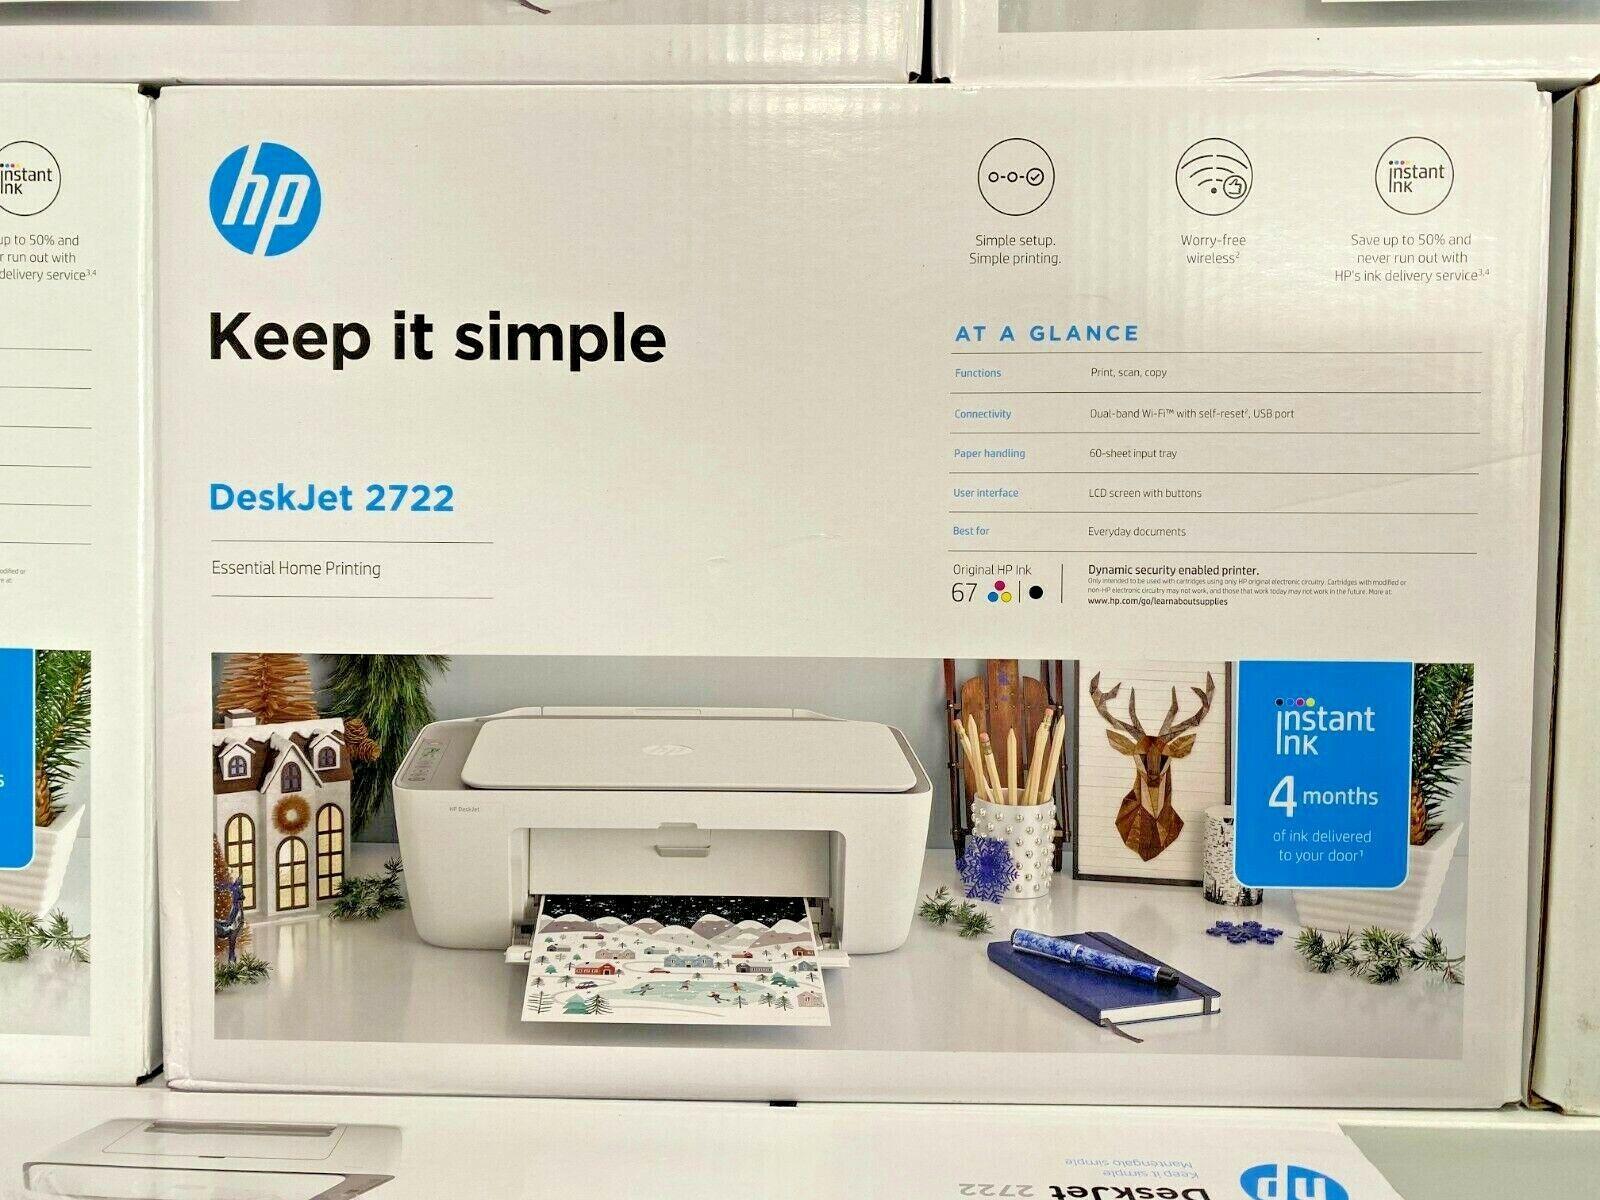 HP DeskJet 2722 All-in-One Wireless Color Inkjet Printer Bra